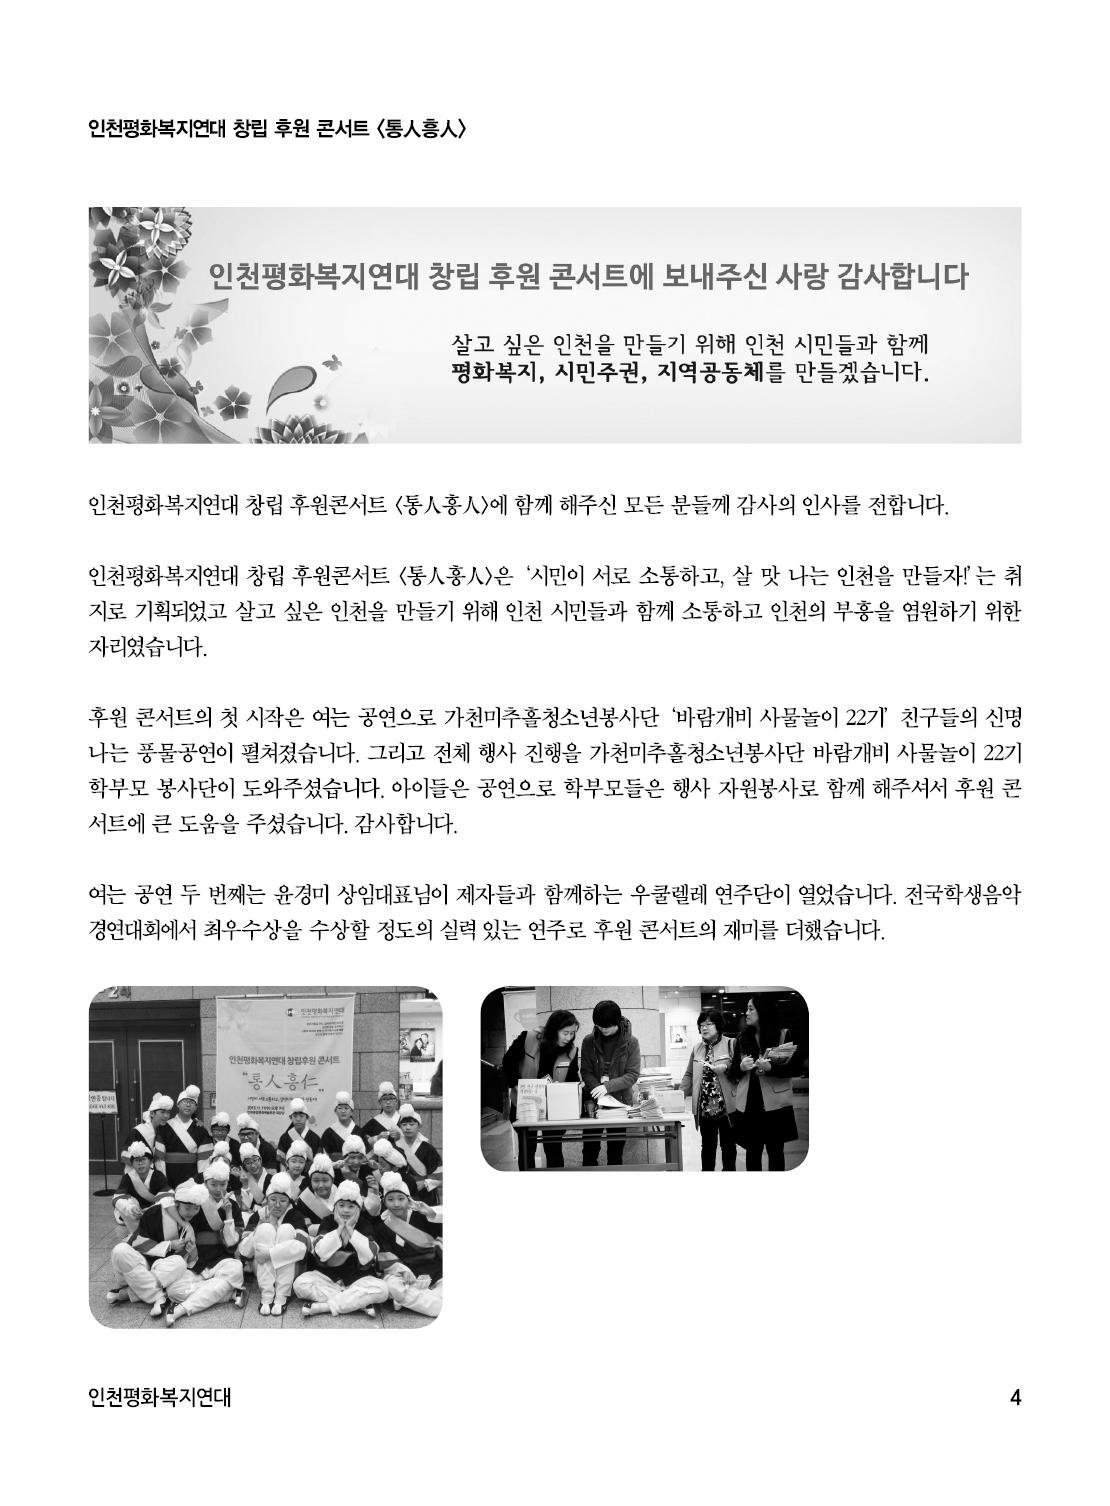 아웃라인 인천평화복지연대 창간준비2호4.jpg